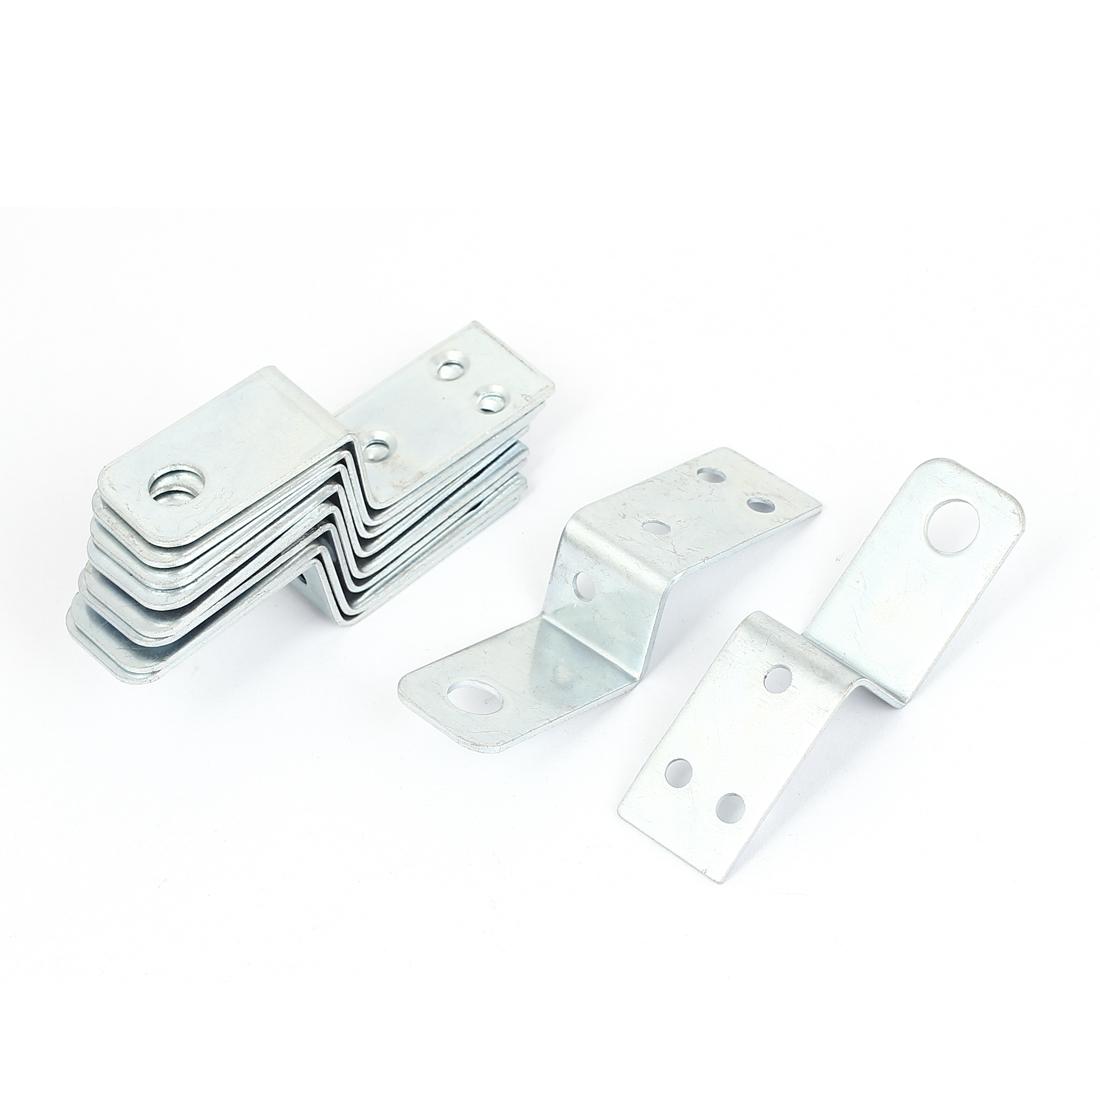 70mmx18mm Z Shape Shelf Corner Brace Plate Right Angle Bracket Silver Tone 10pcs